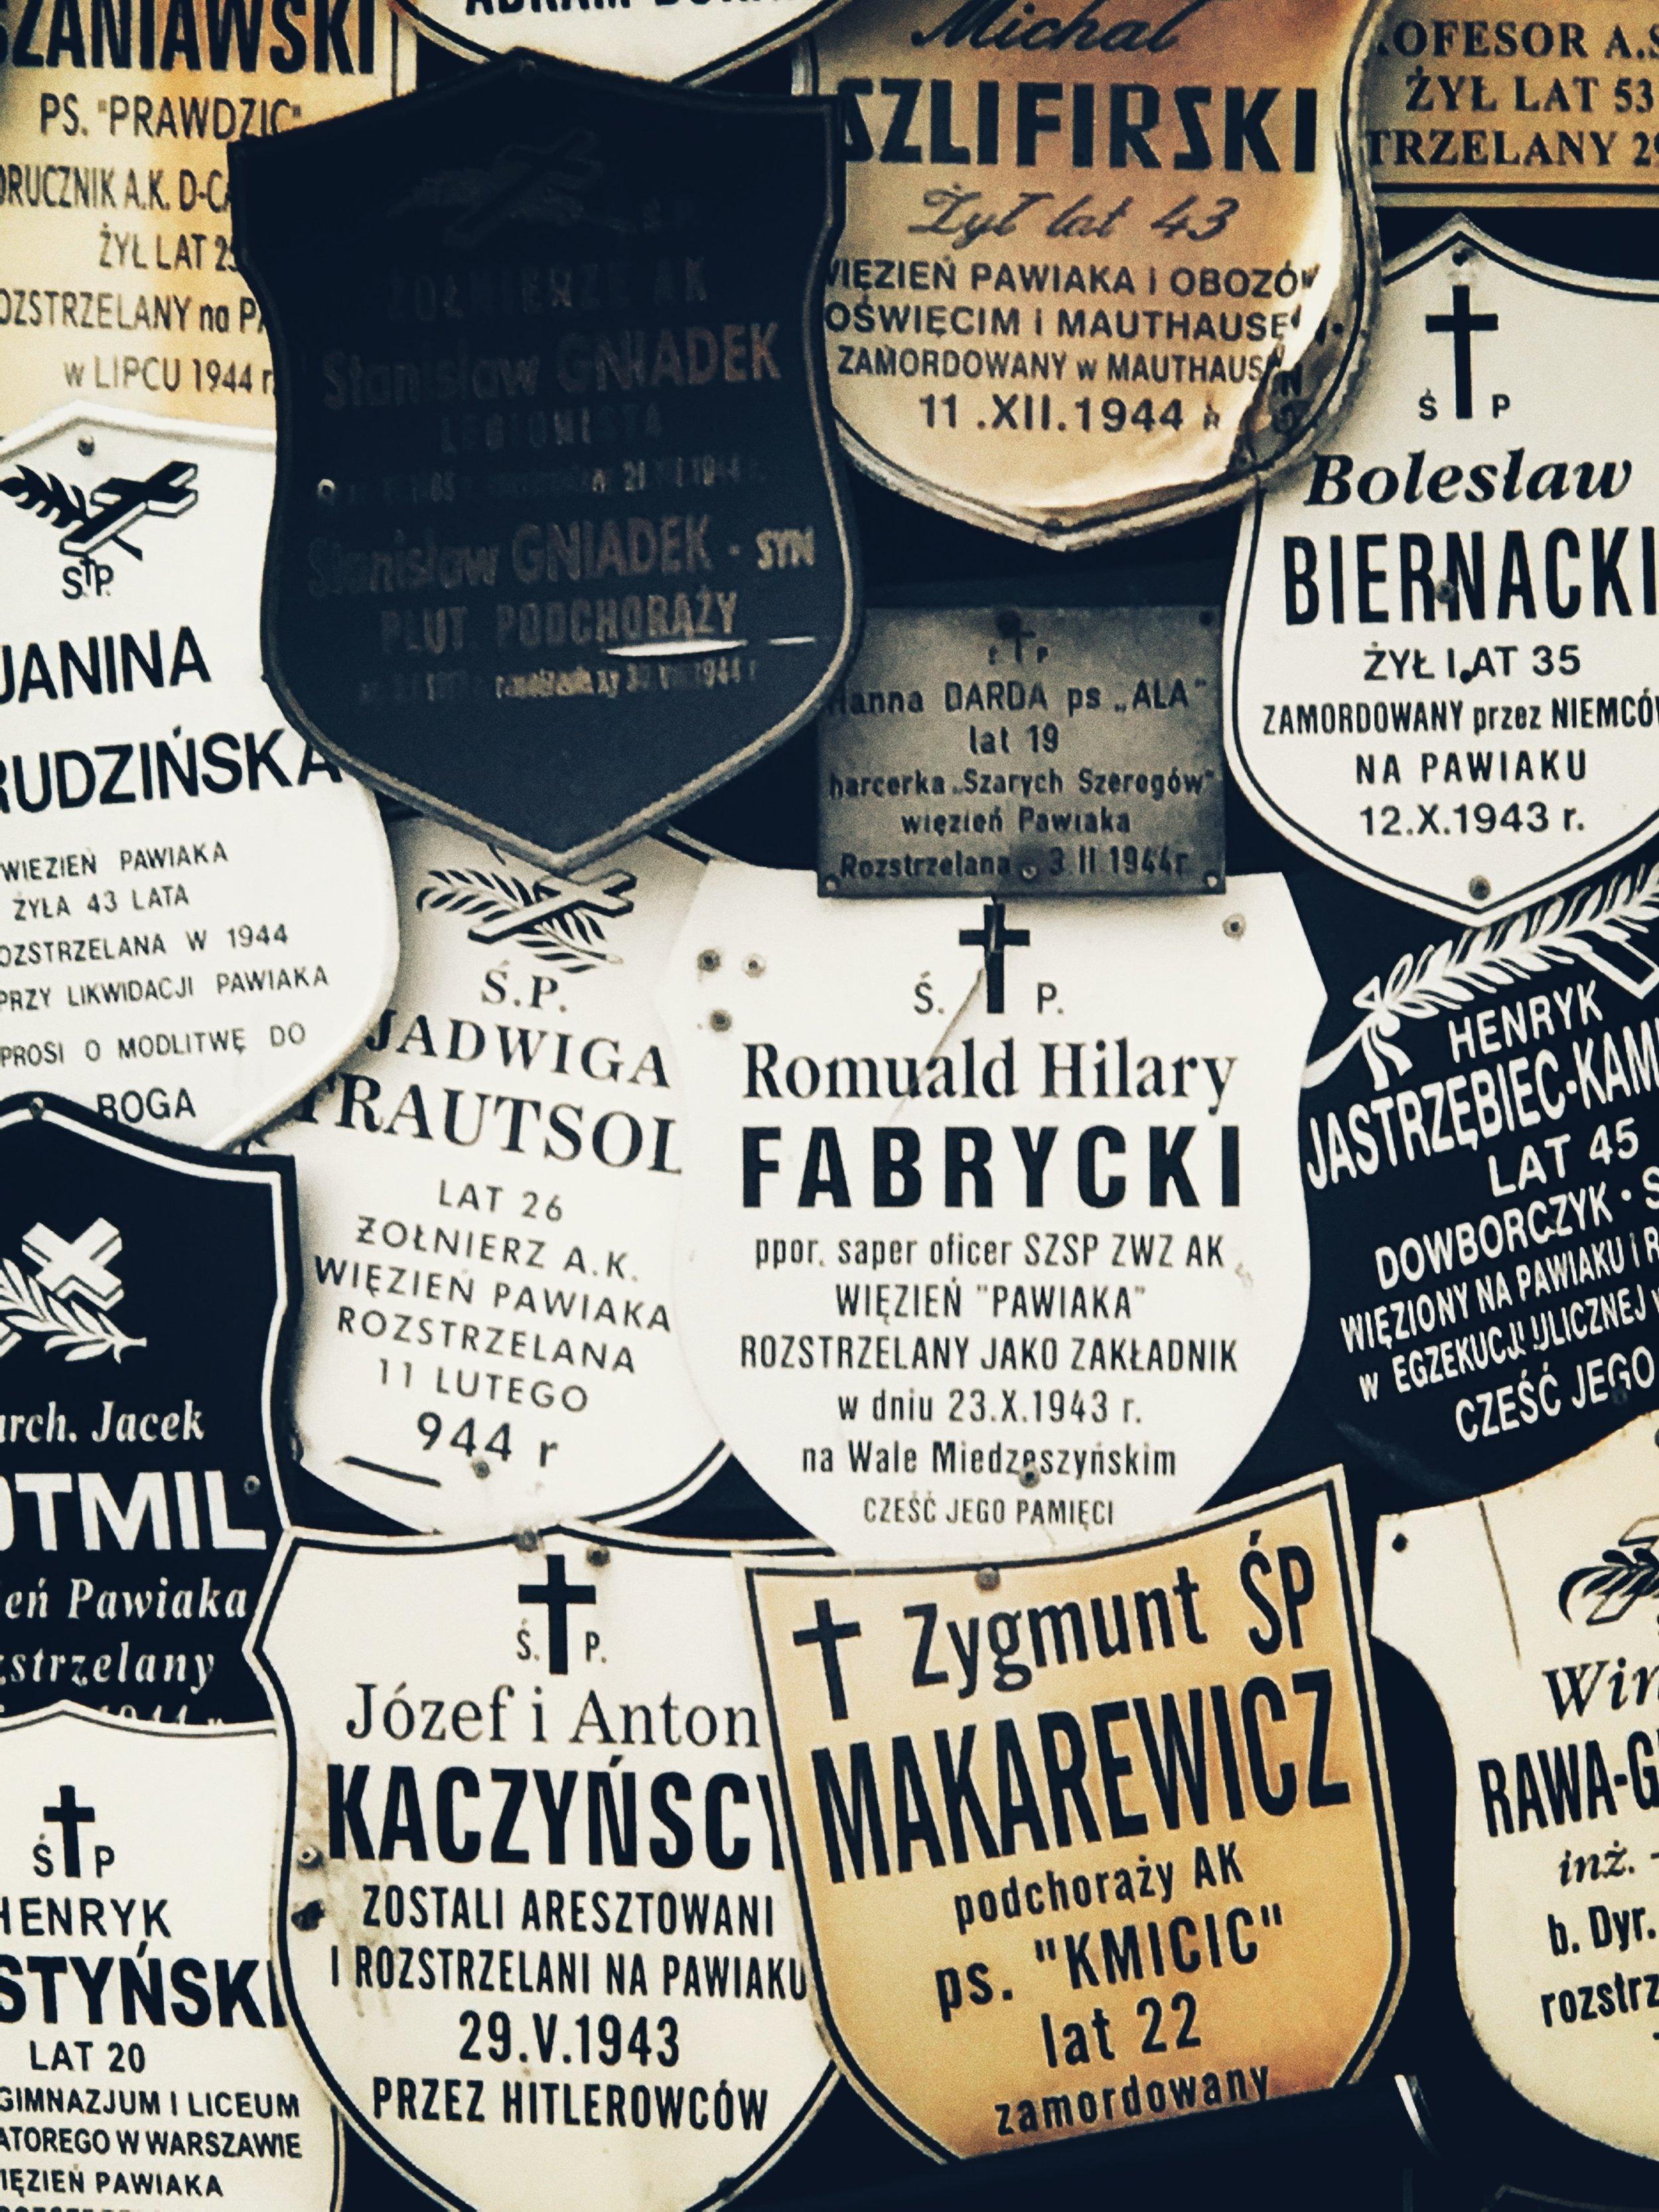 memorials at pawiak